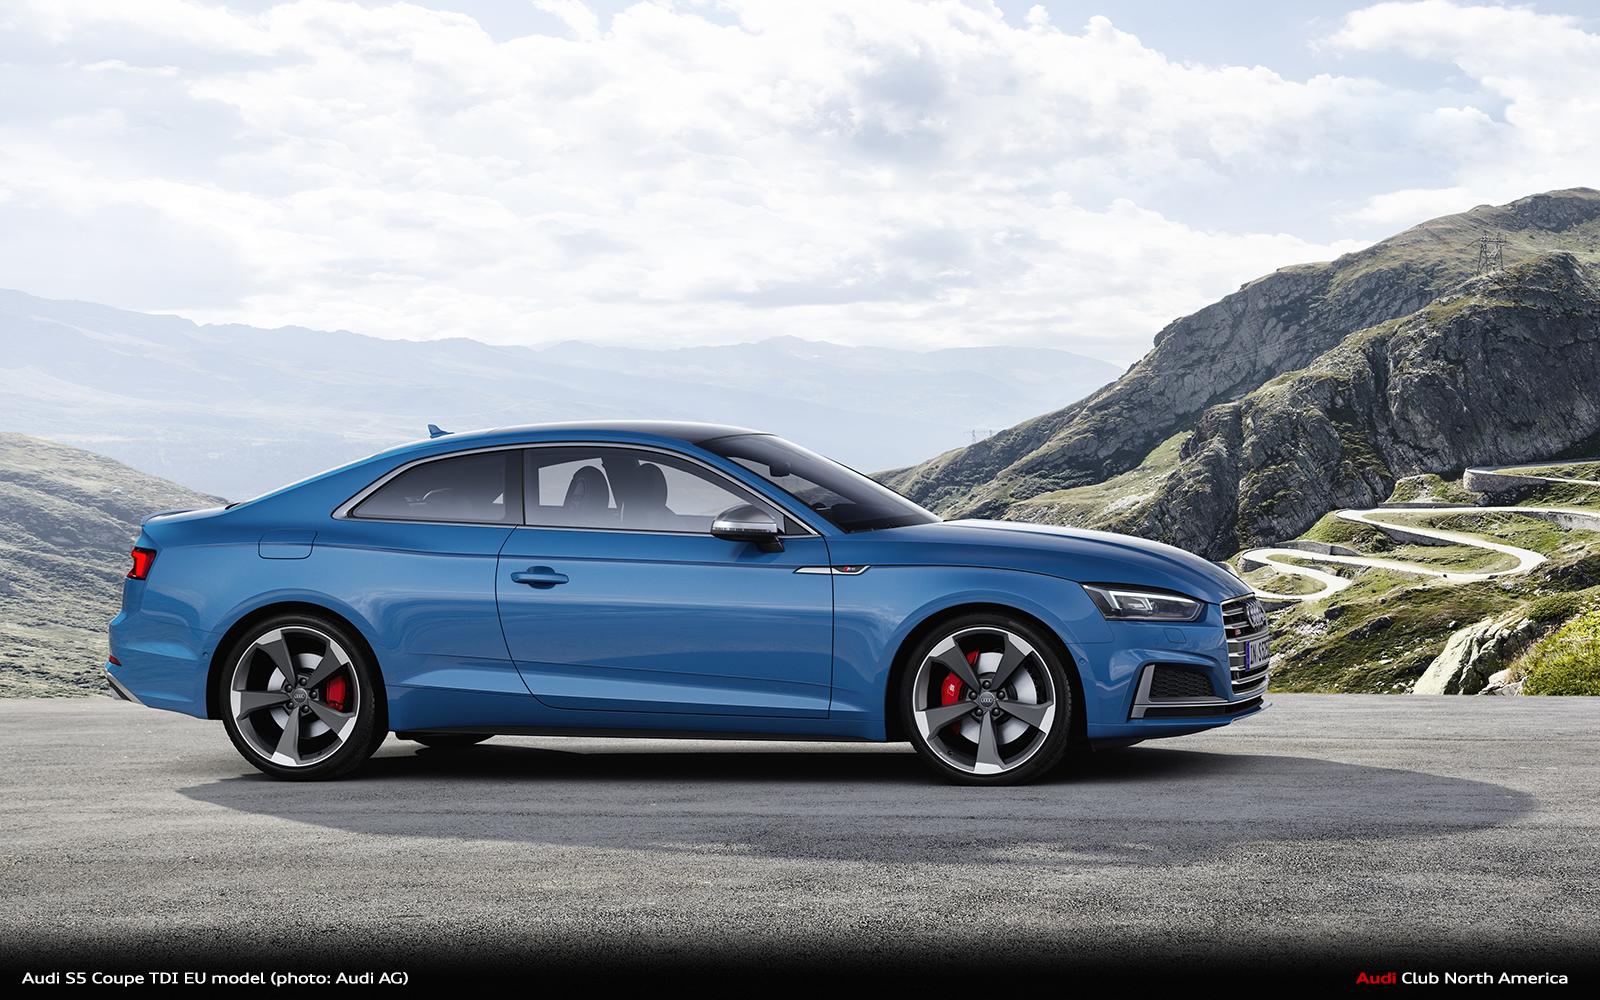 Kelebihan Kekurangan Audi S5 Tdi Perbandingan Harga